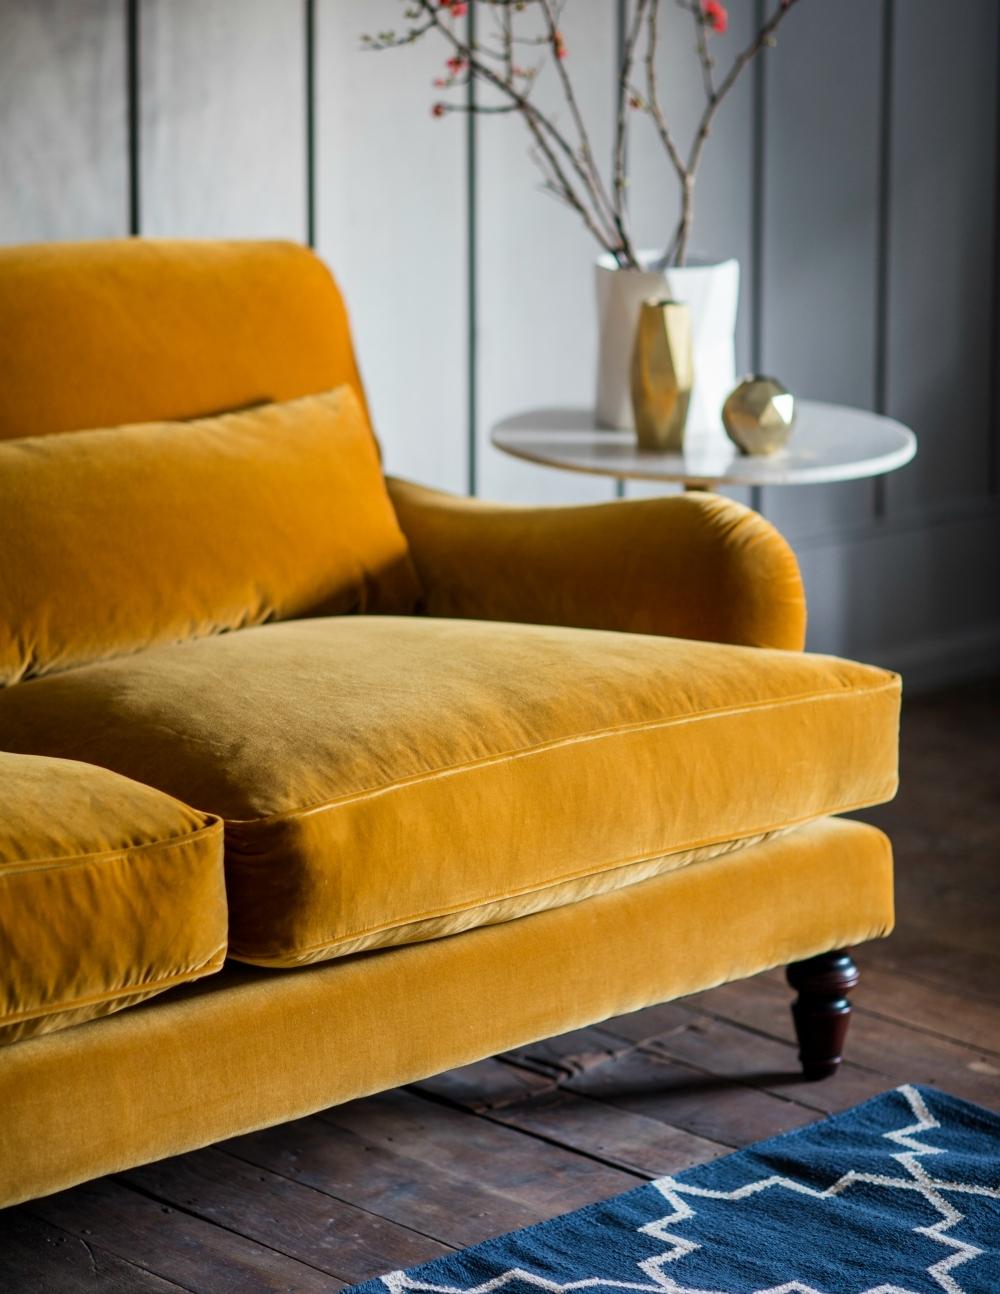 Velvet Sofas Regarding Famous Three Seater Or Two Seater Velvet Sofa (View 7 of 20)